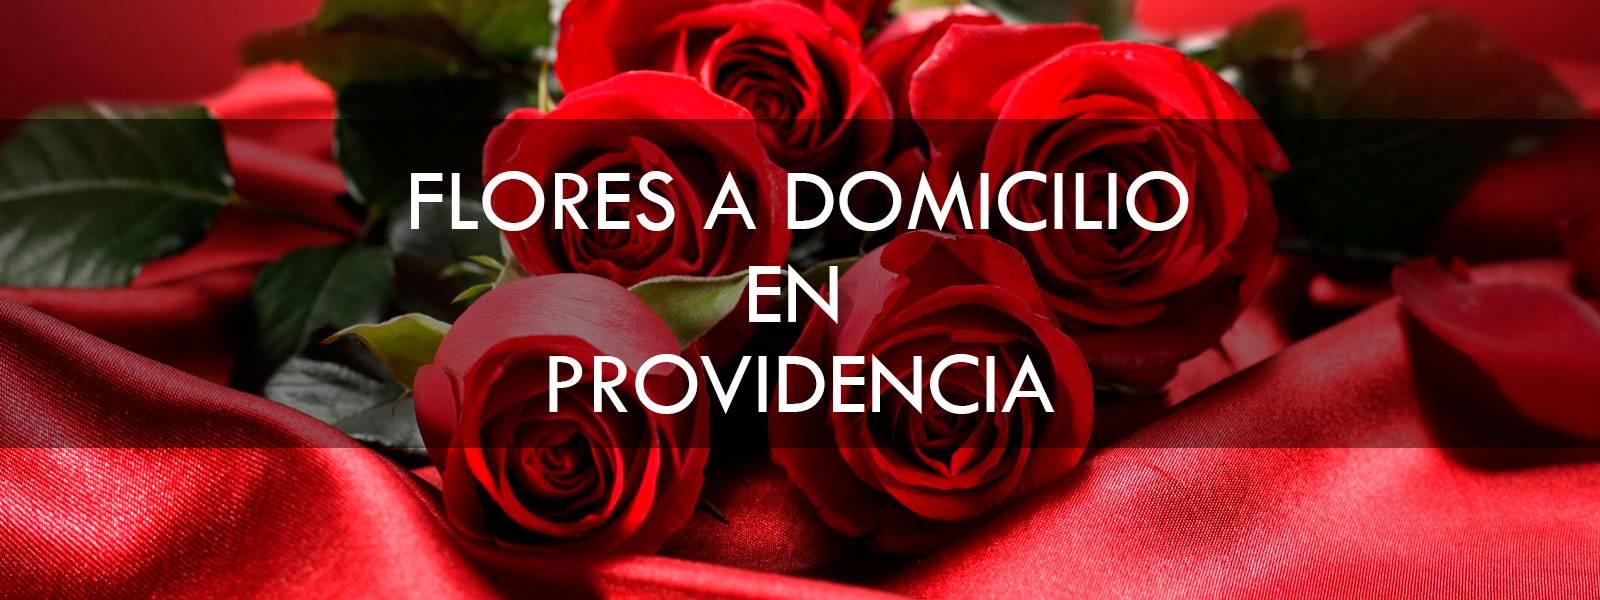 Flores a domicilio en Providencia